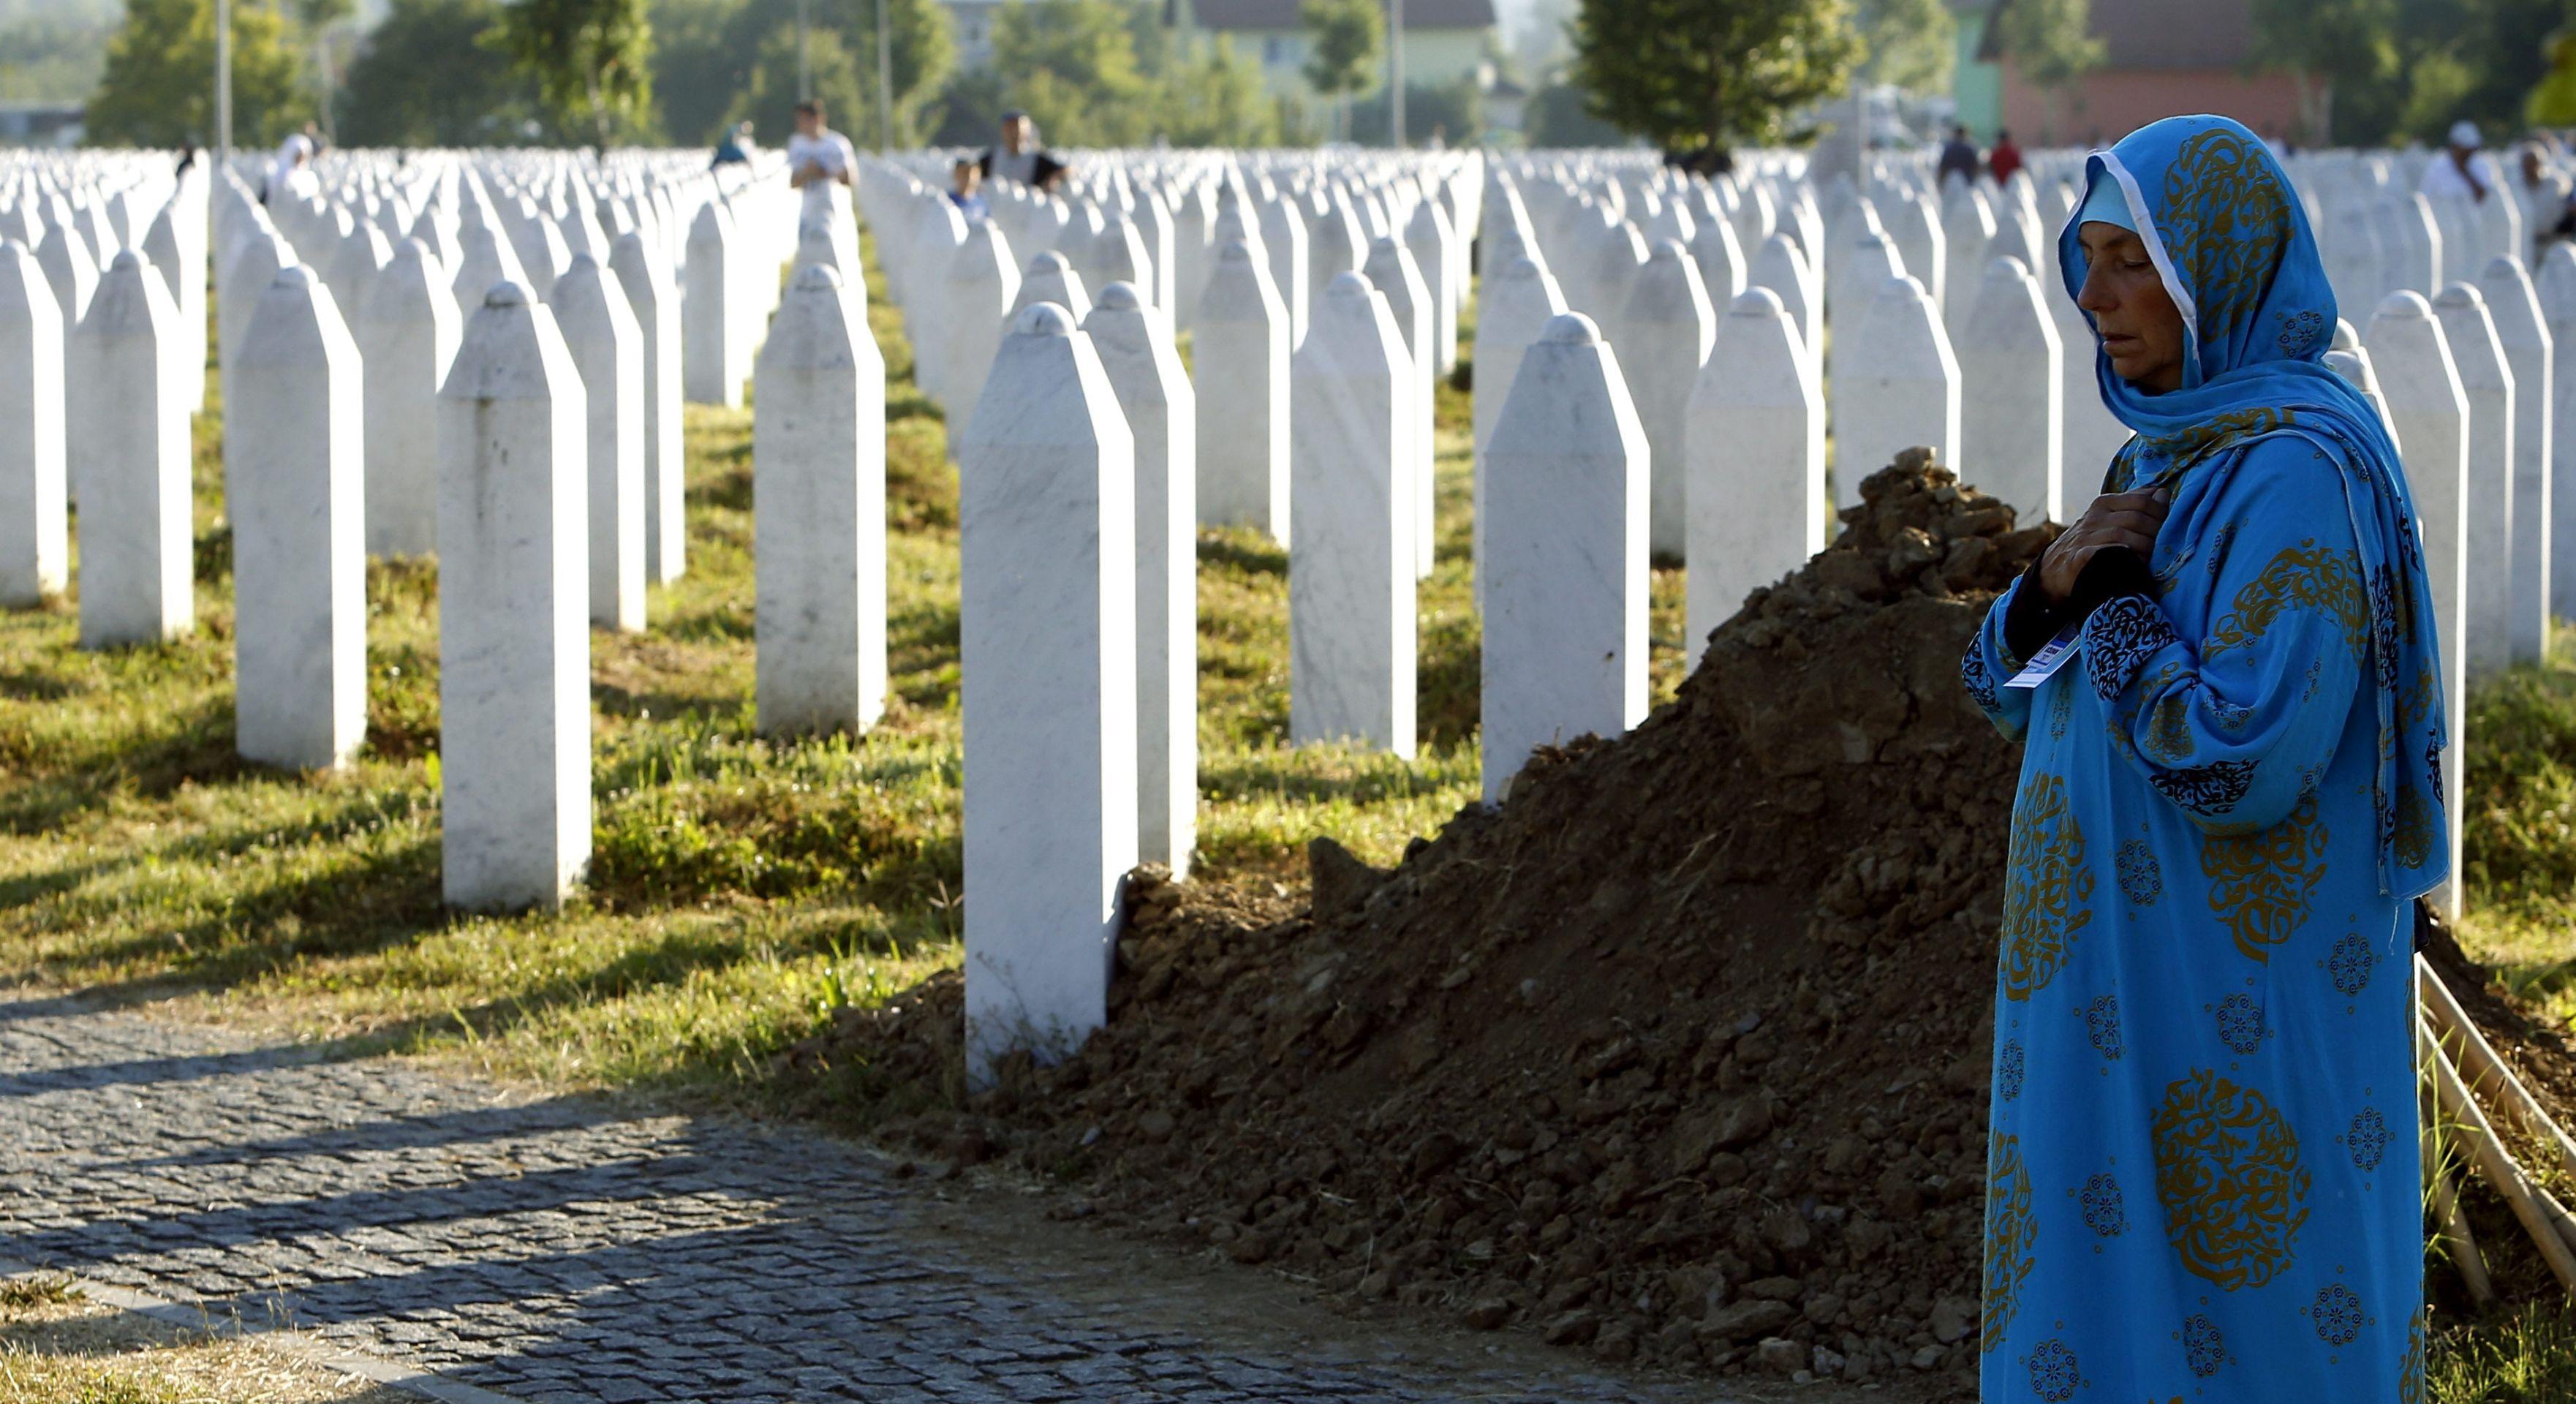 SLUČAJ SREBRENICA: U Beogradu počelo suđenje za ratne zločine u selu Kravica